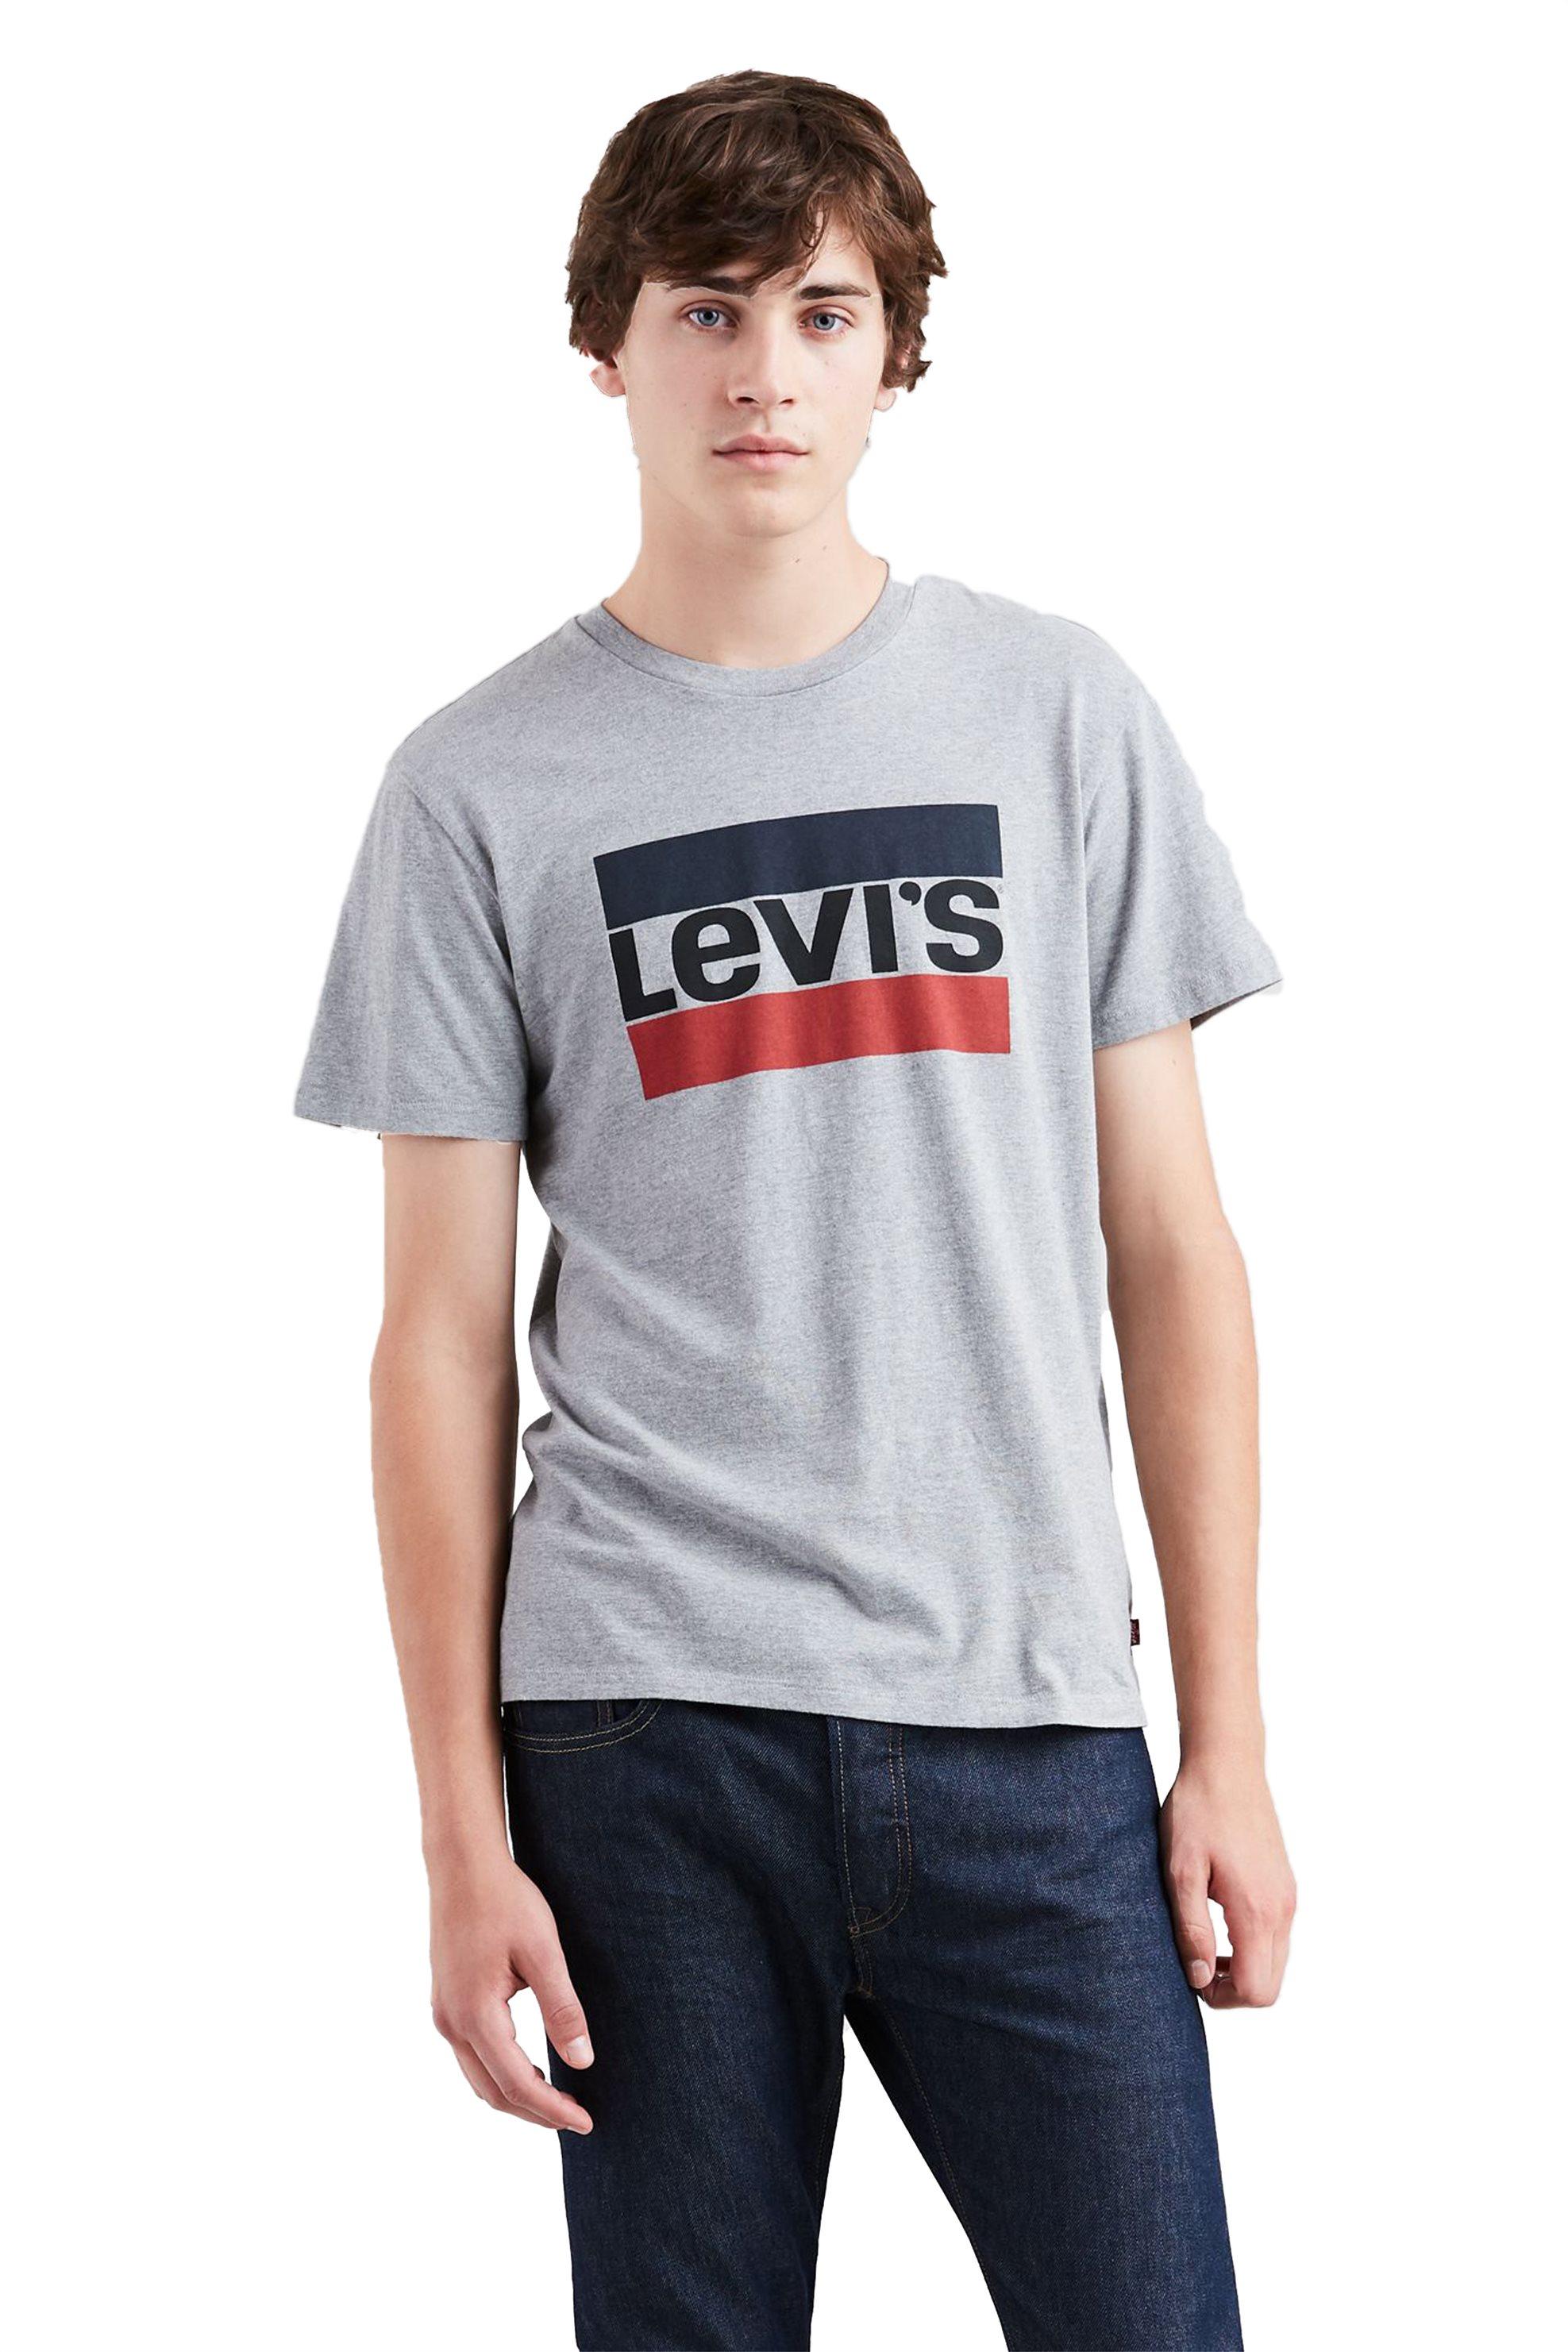 8130023440b7 Levi s ανδρικό γκρι T-shirt με λογότυπο - 3963600-02 - Γκρι